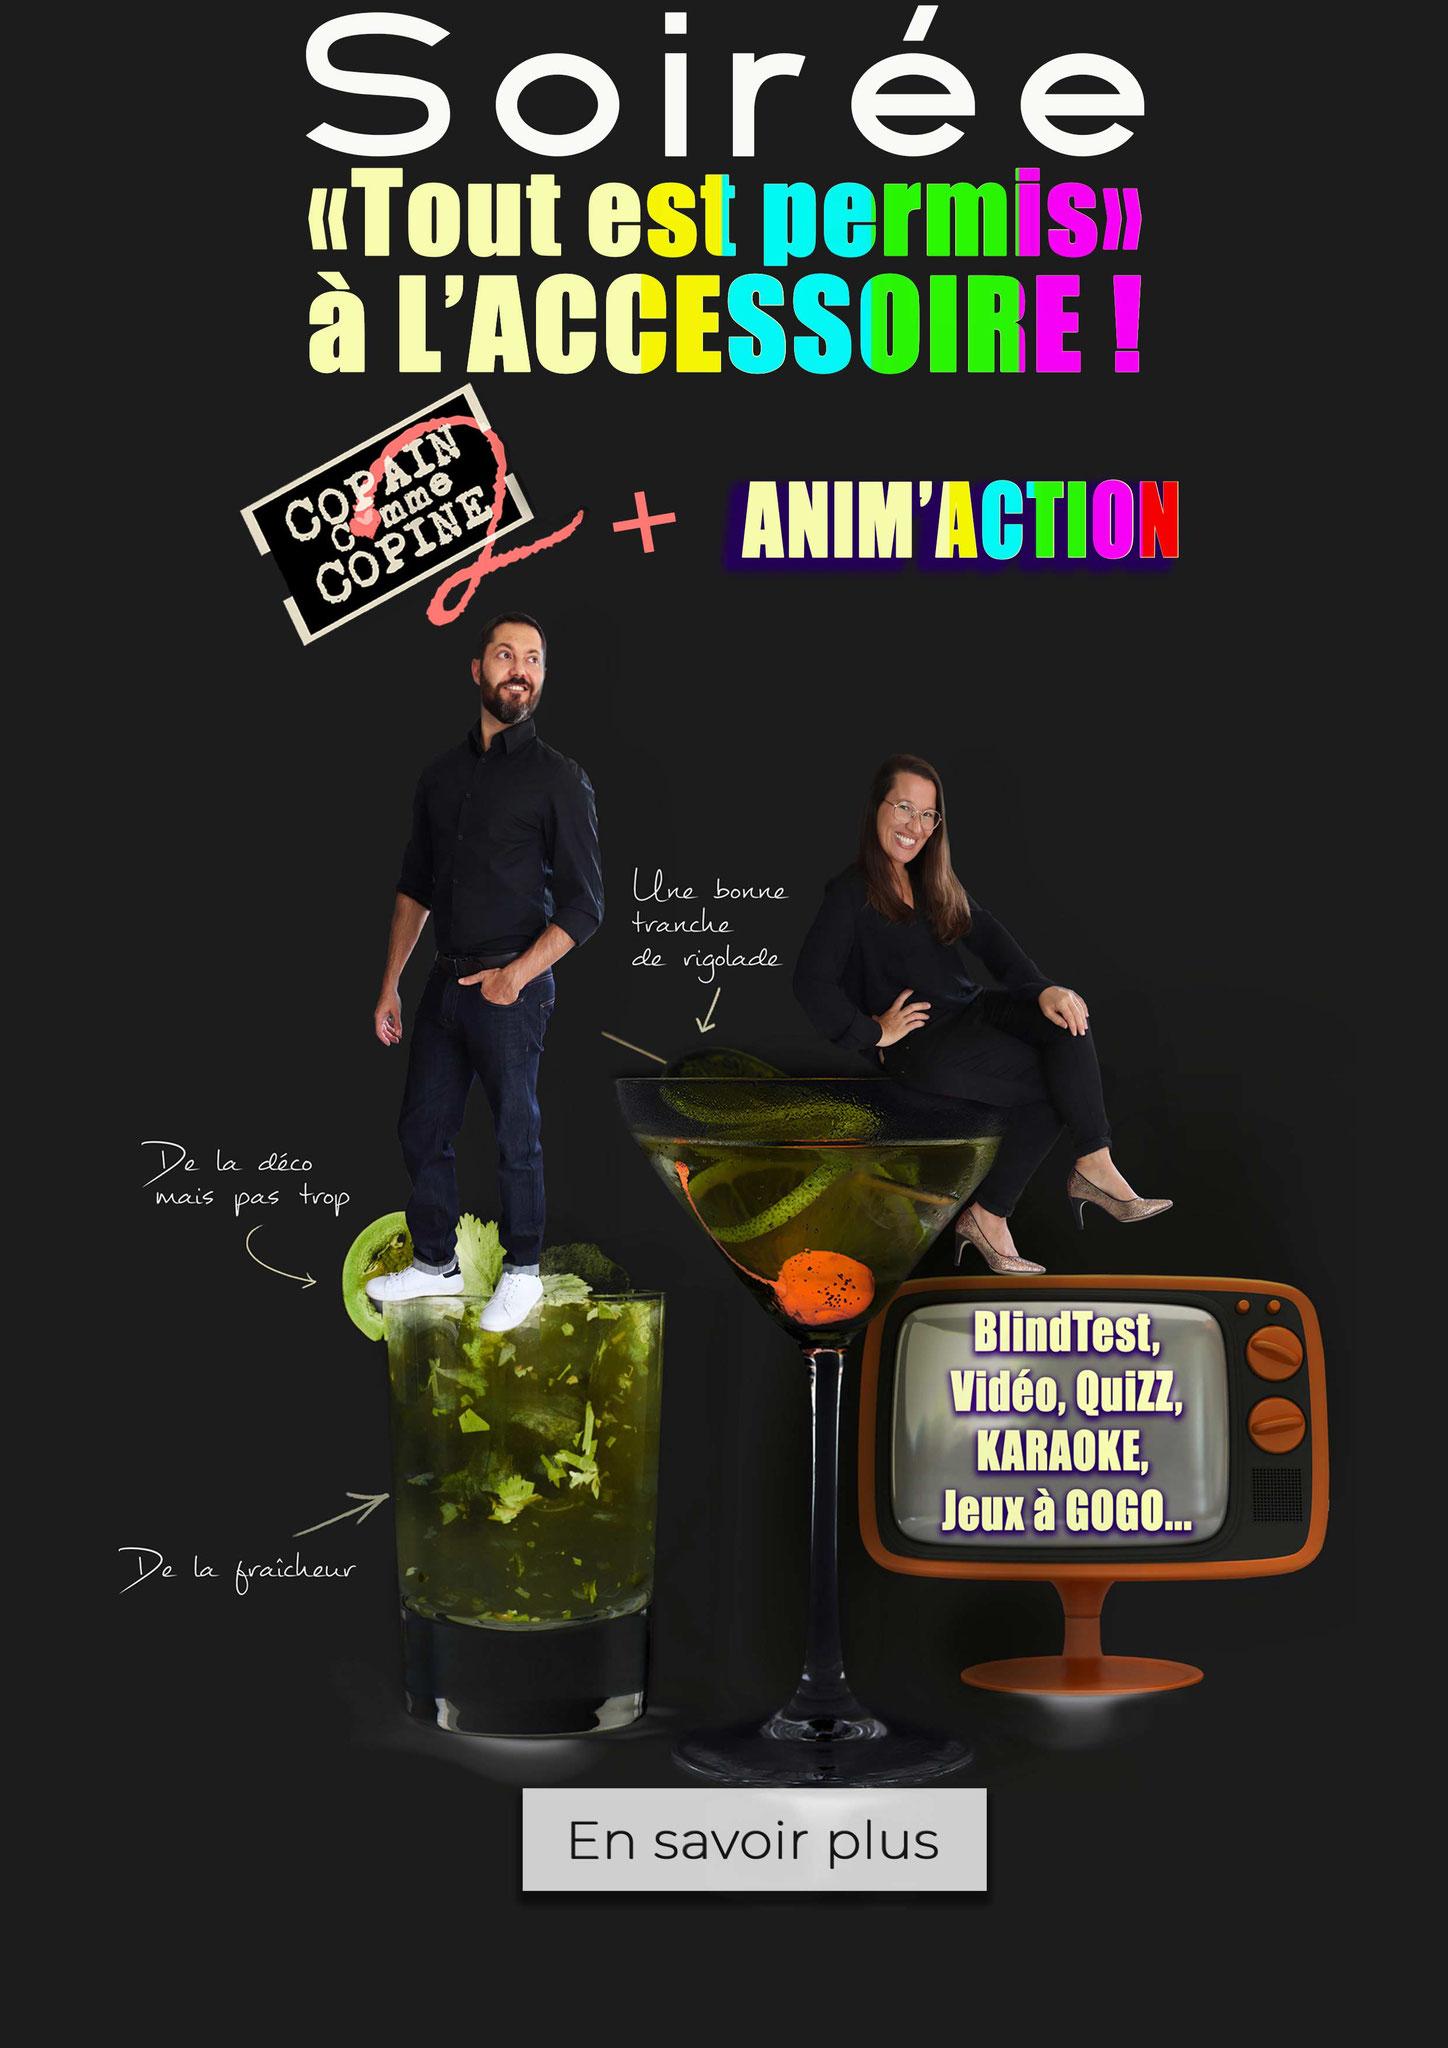 Spectacle + Animation - Tout est permis